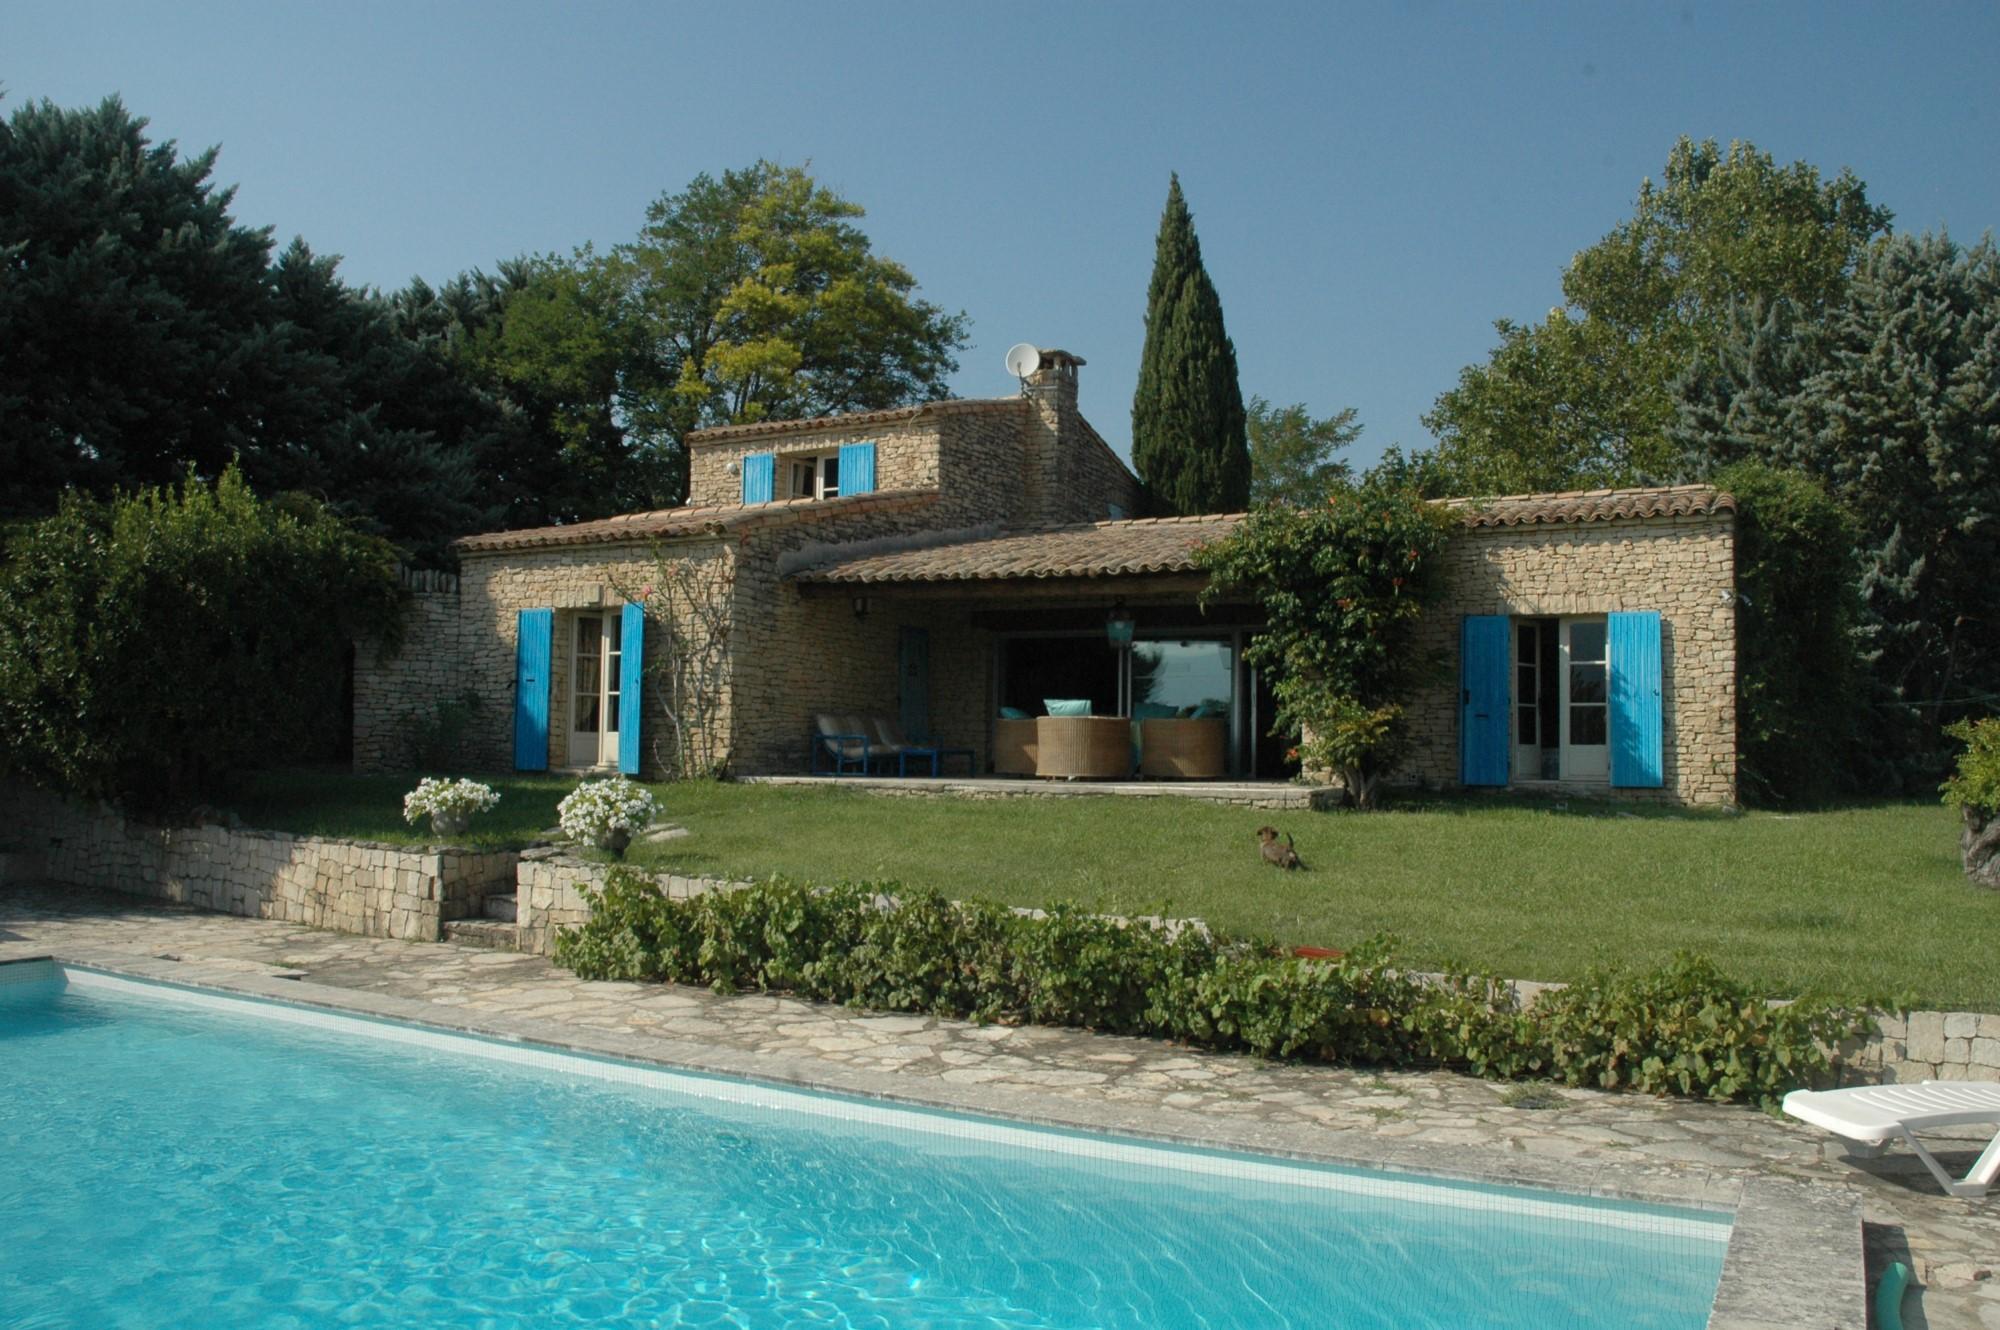 ventes villa en pierres dans le luberon avec jardin piscine et vues vendre agence rosier. Black Bedroom Furniture Sets. Home Design Ideas